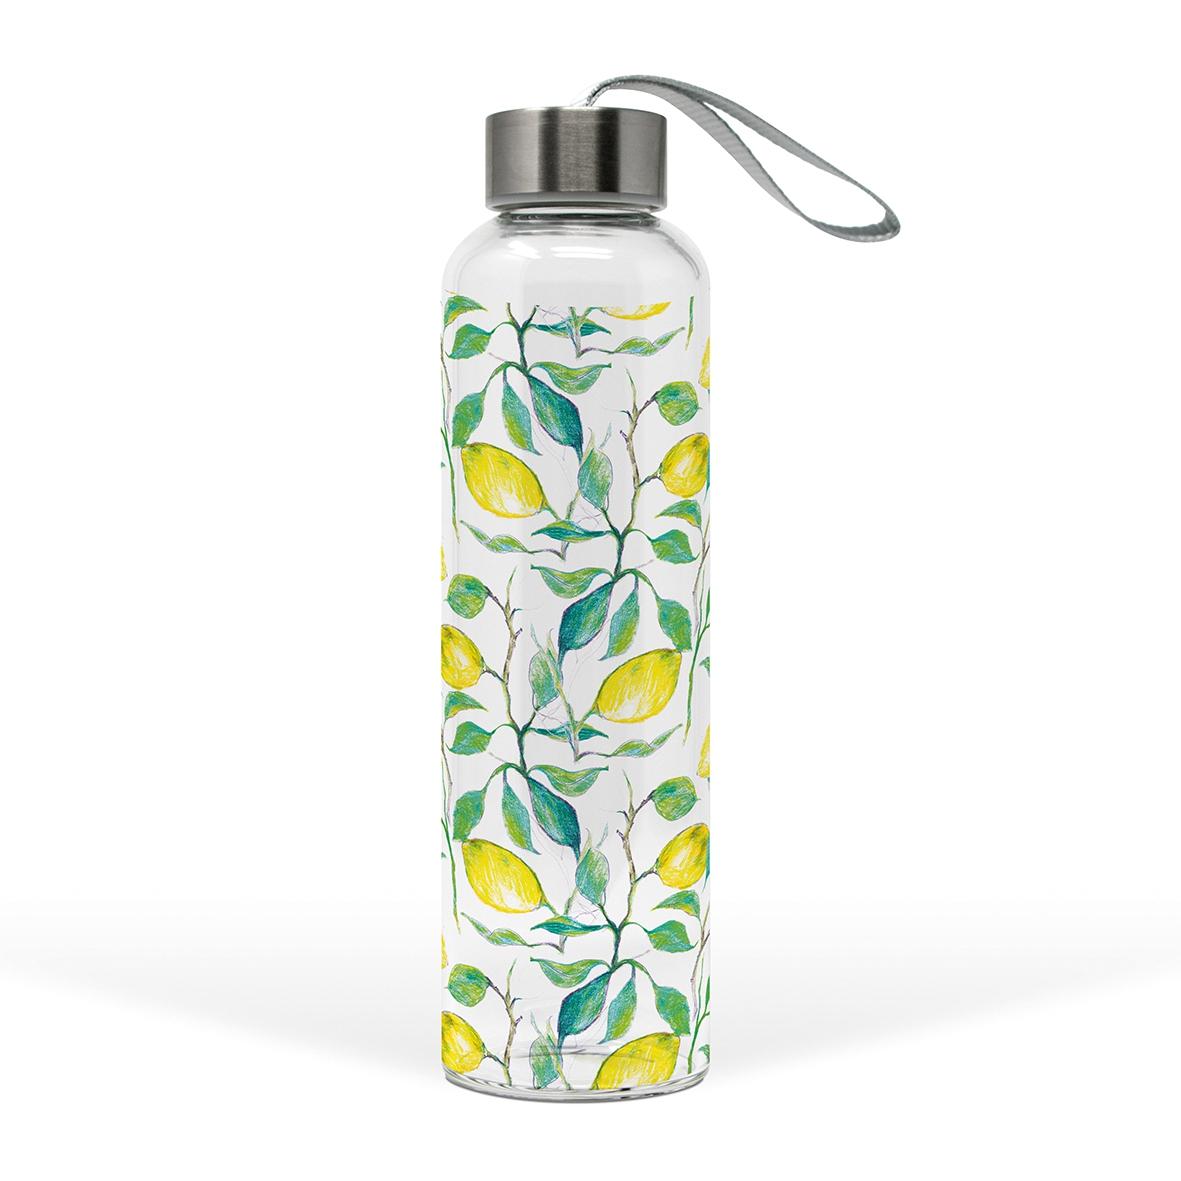 Glasflasche - Wunderschöne Zitronen